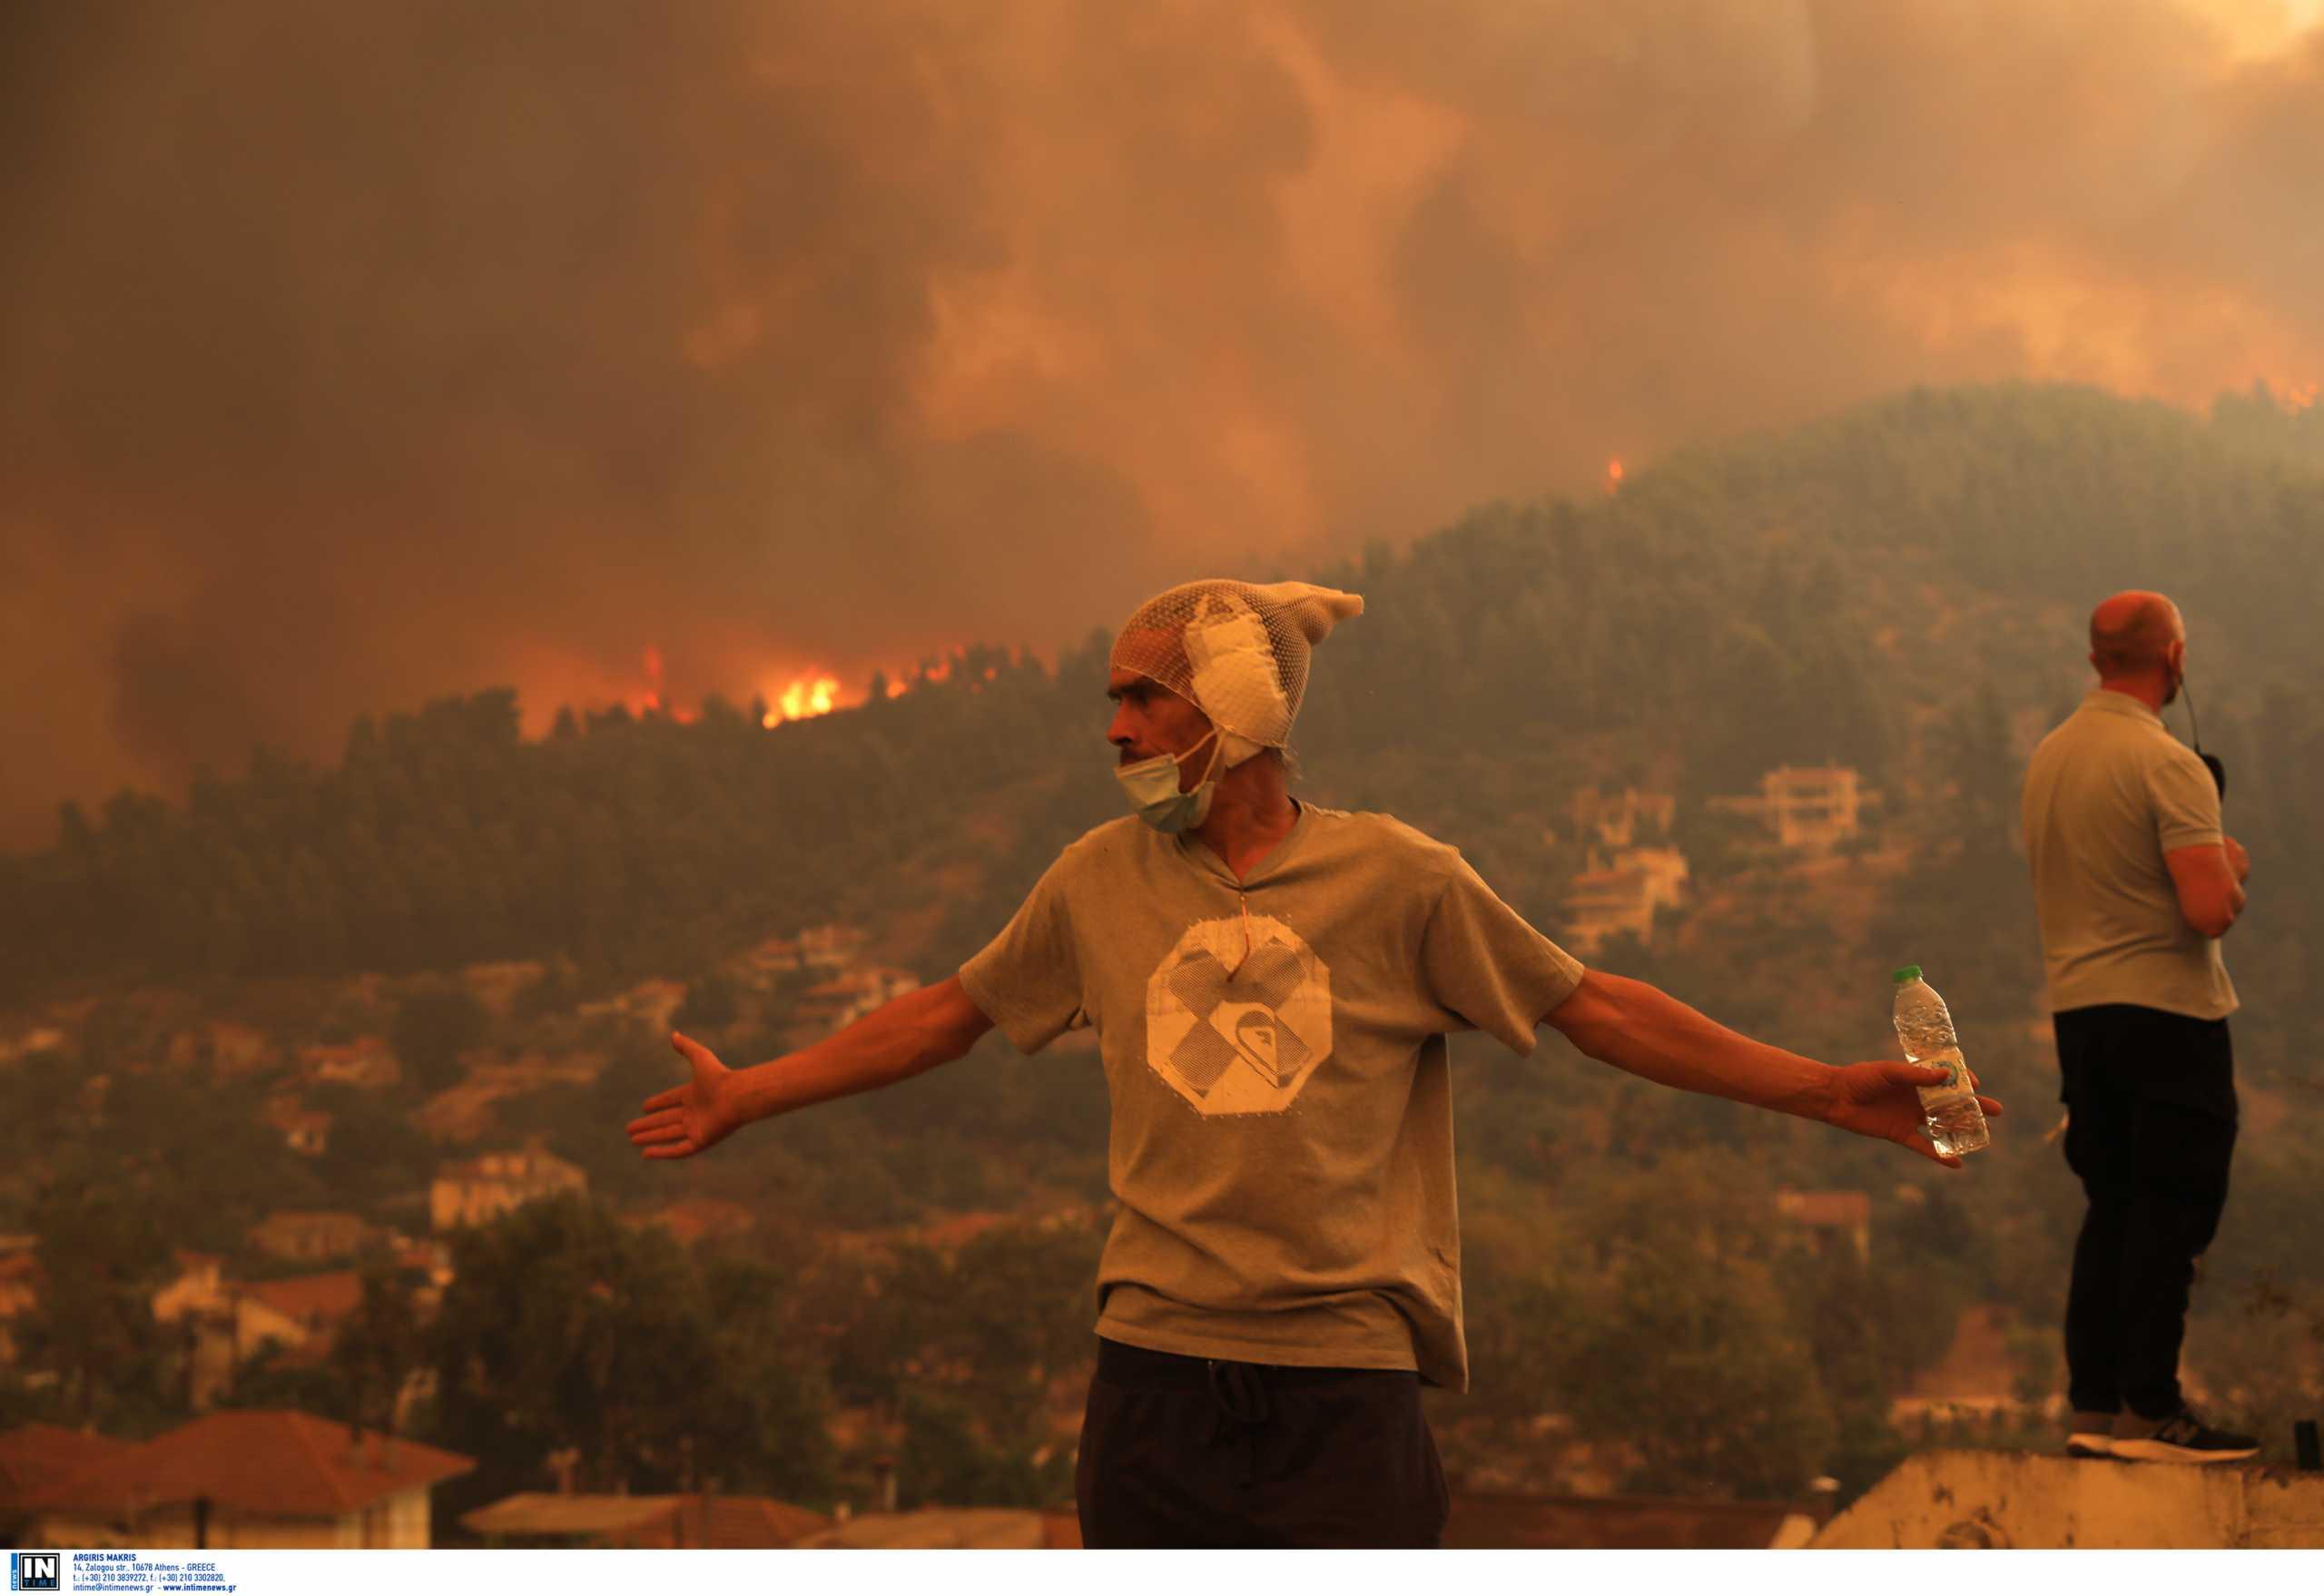 Φωτιές στην Εύβοια: Κάηκε το ένα τρίτο των δασών λέει το meteo